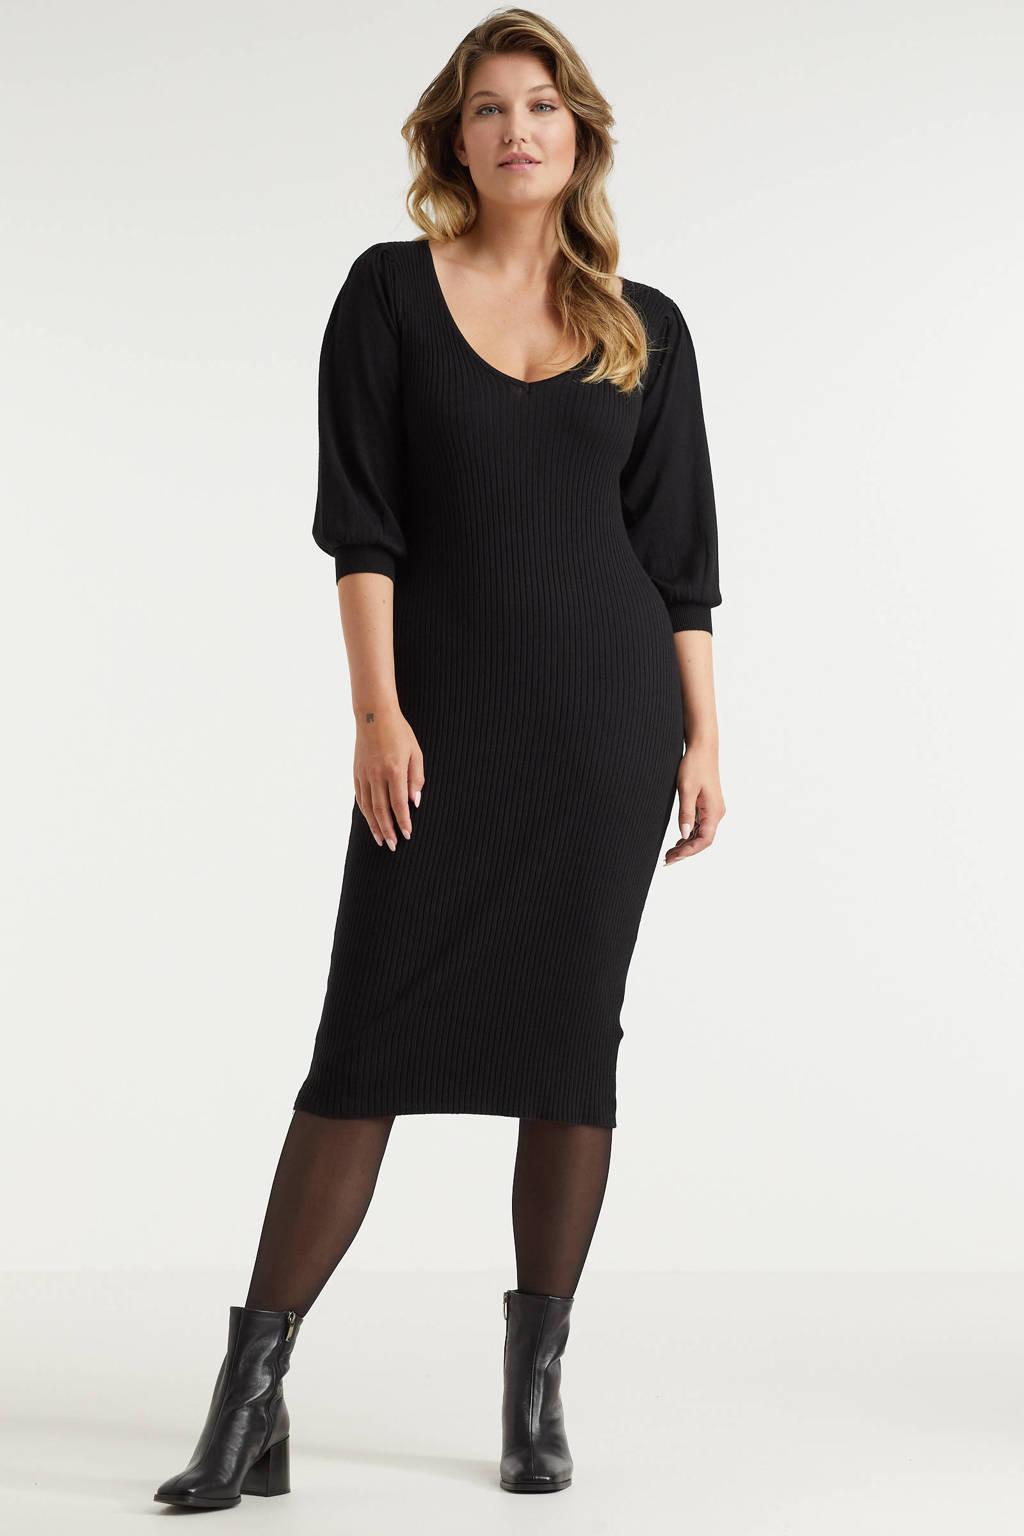 Miljuschka by Wehkamp ribgebreide jurk met pofmouwen zwart, Zwart